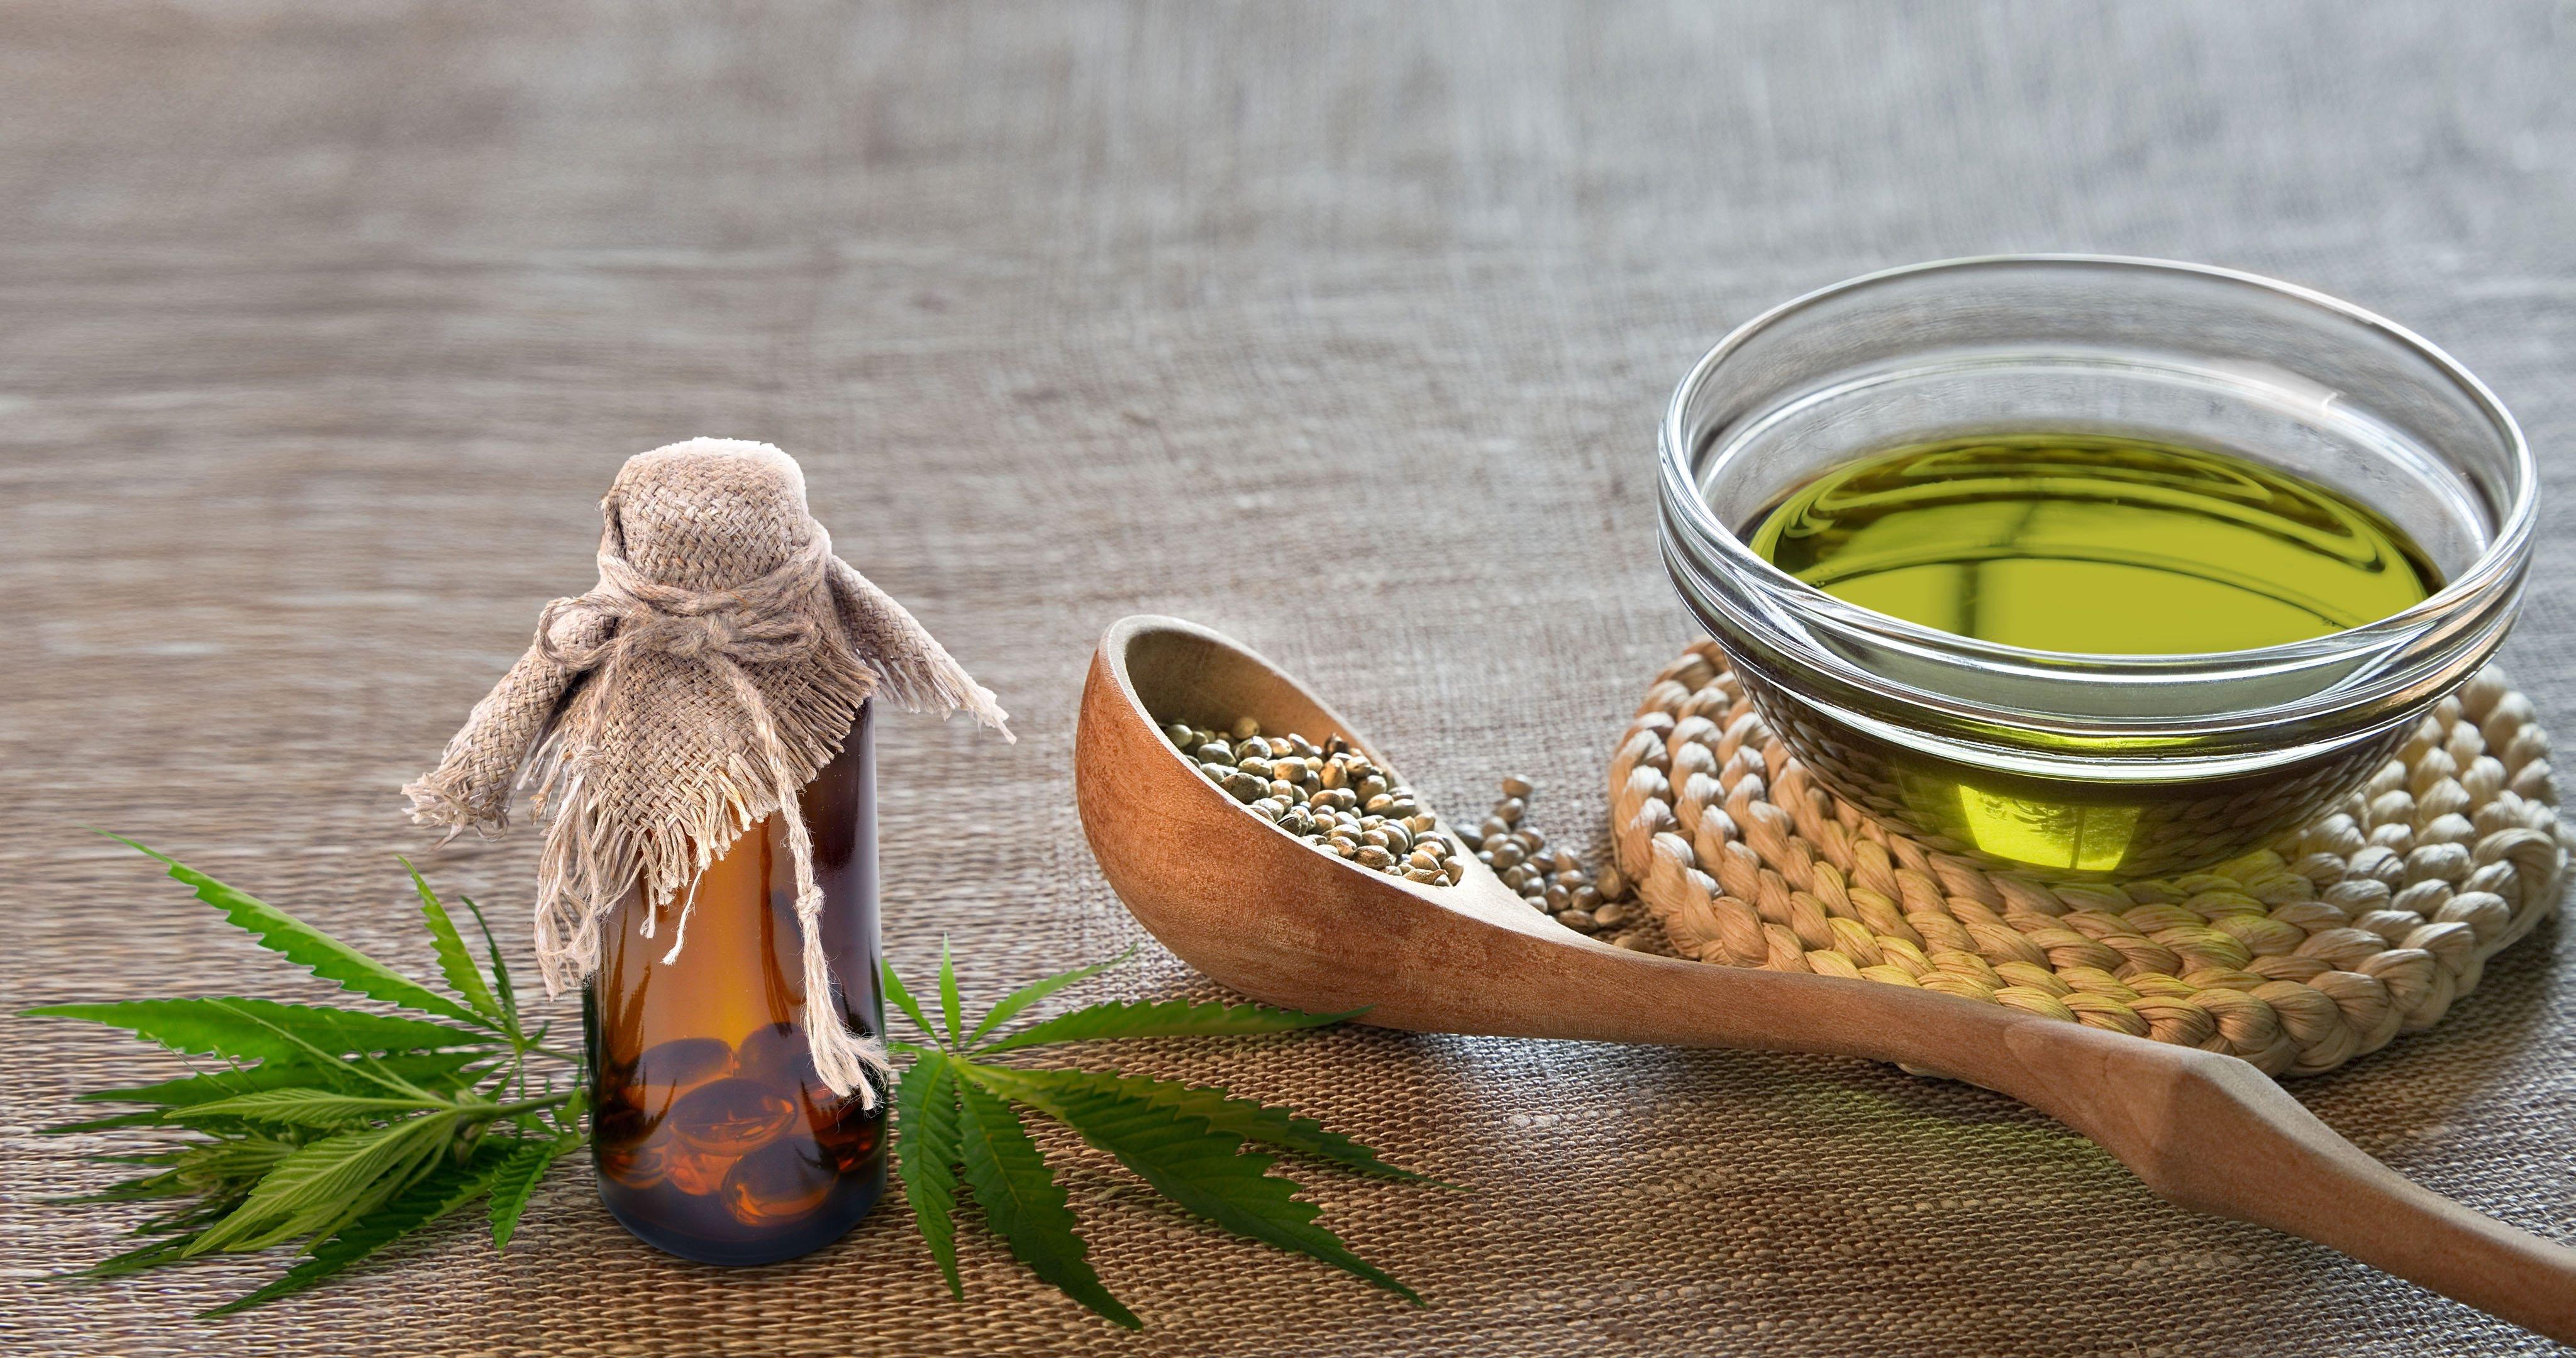 Catriel25Noticias.com canabis-medicinal-jornadas-iberflora La OMS recomendó quitar el cannabis de la lista de sustancias dañinas Destacadas NACIONALES